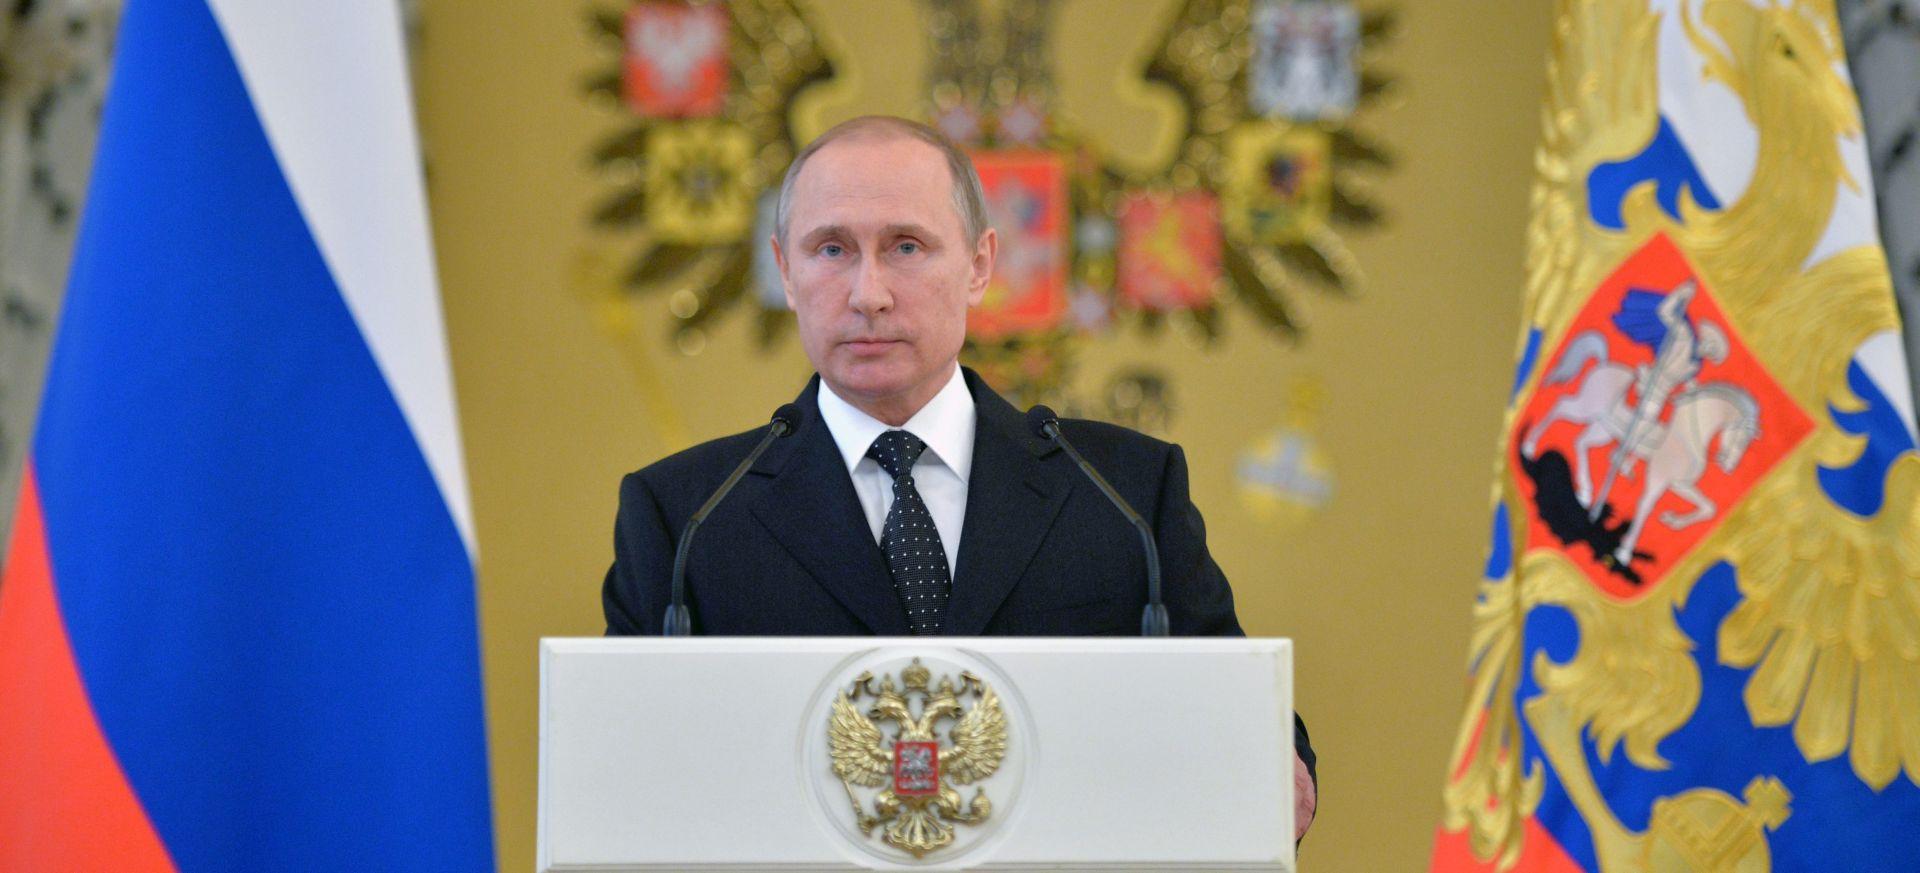 NEĆE ODGOVARATI ZA RATNE ZLOČINE? Rusija izlazi iz ugovora o osnivanju ICC-a